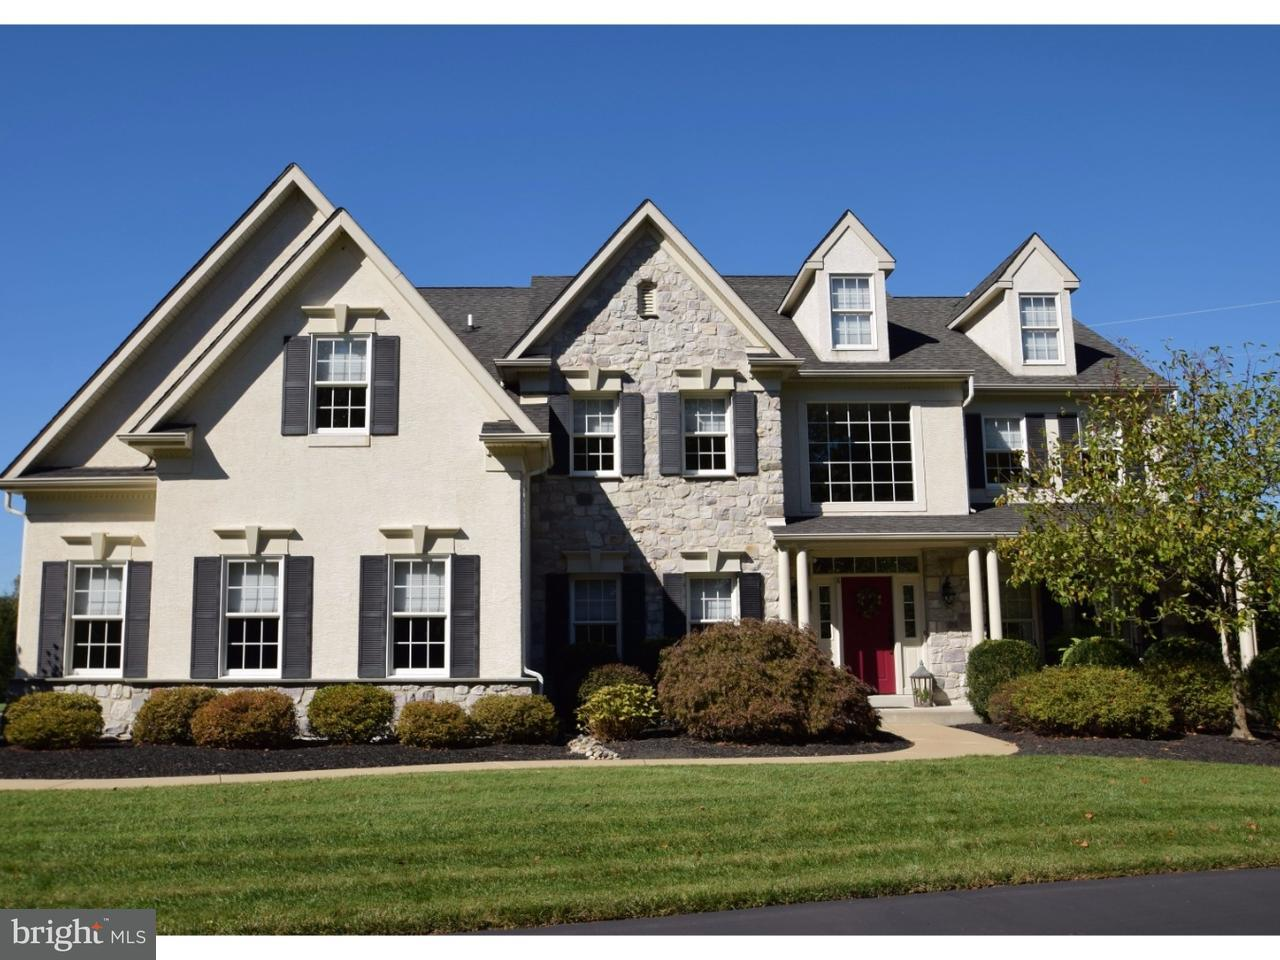 独户住宅 为 销售 在 8 CHESTNUT Lane North Wales, 宾夕法尼亚州 19454 美国